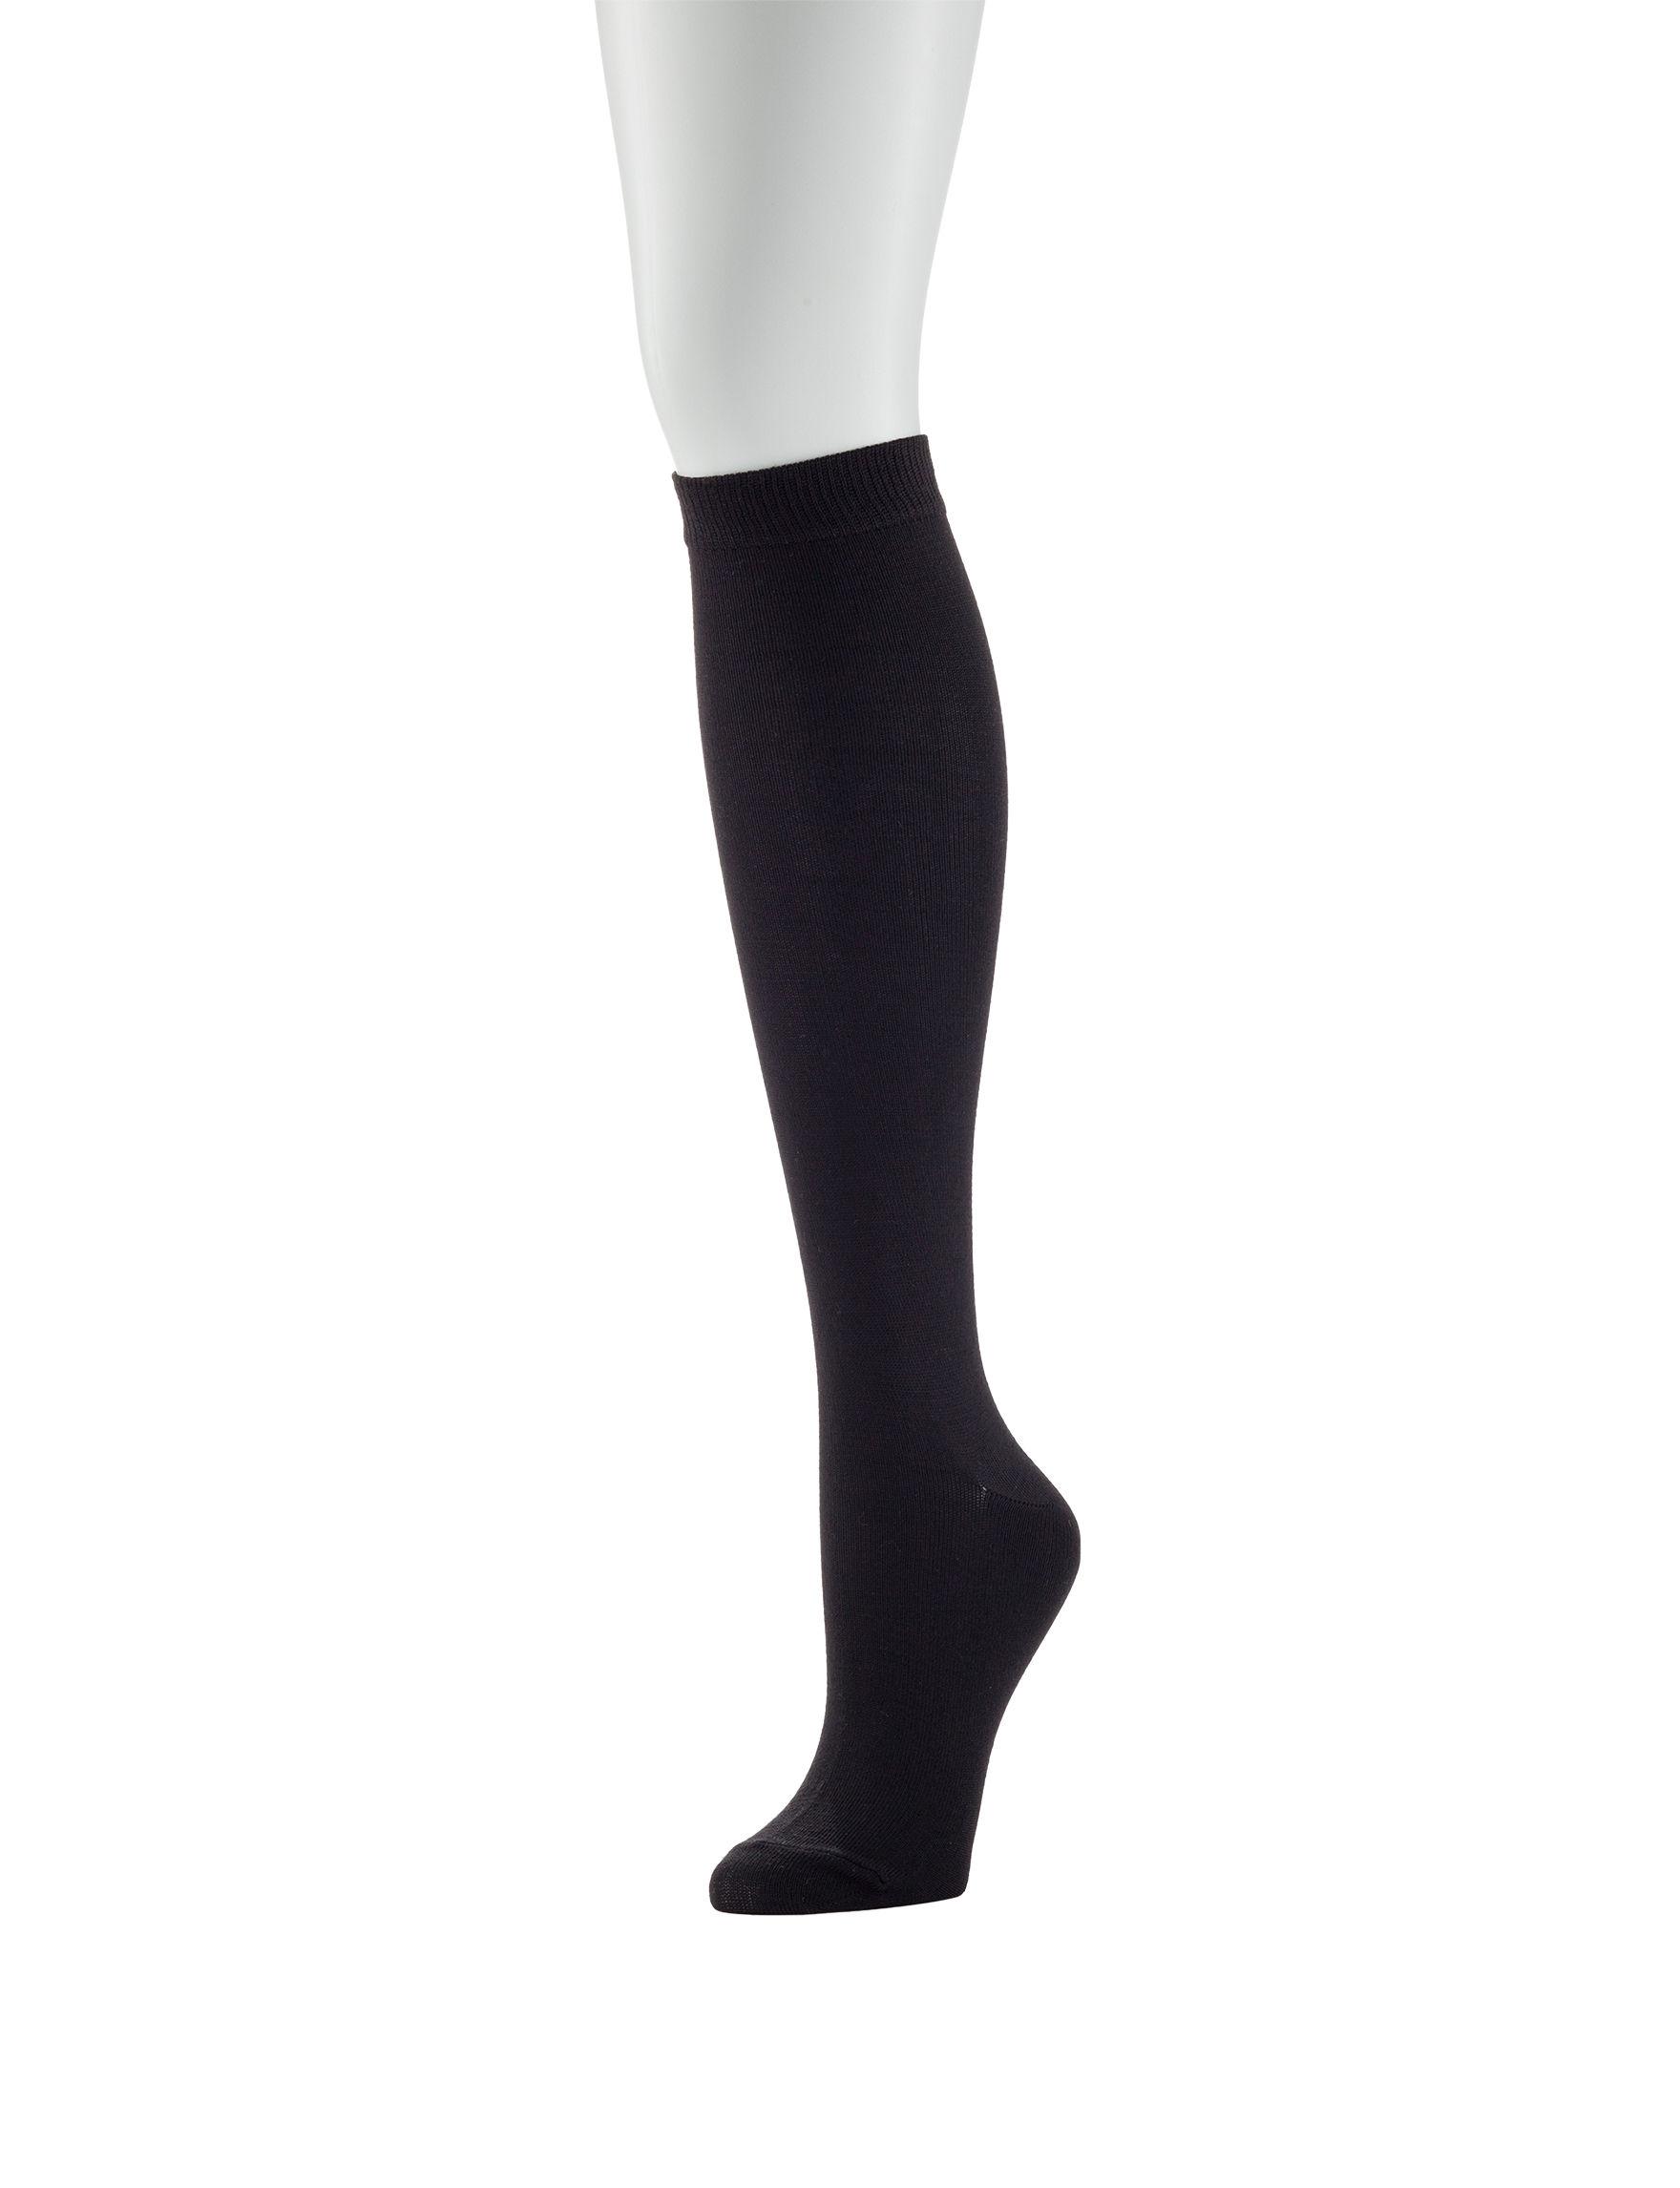 6e3d5193170 Hanes® 2-pk. Black Knee High Socks